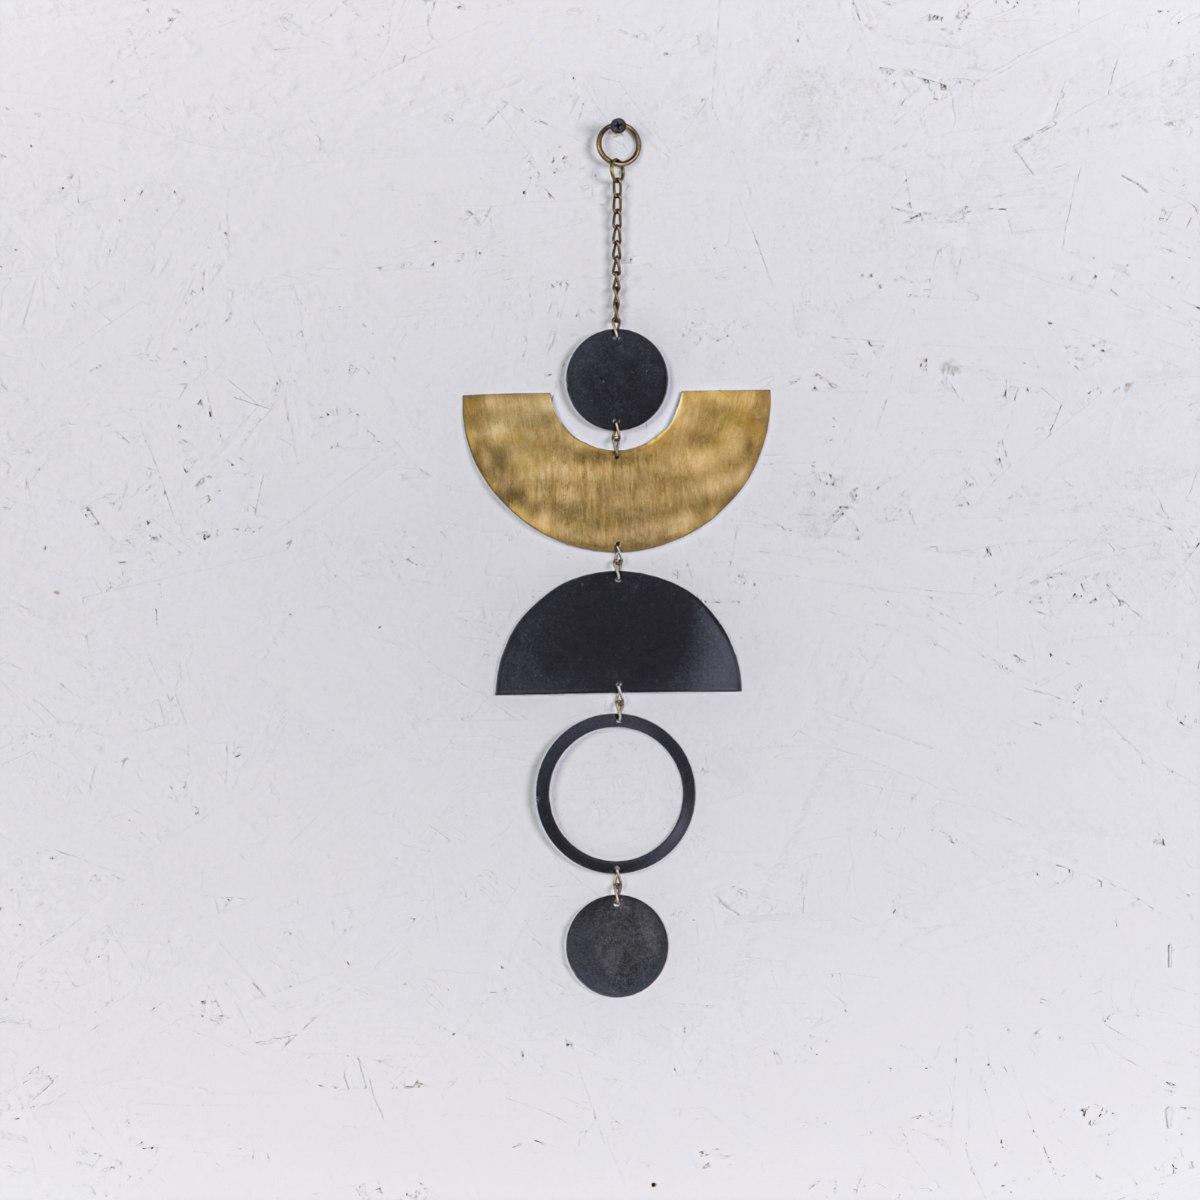 קישוט מתכת לקיר - קשתות ועיגולים (שחור)